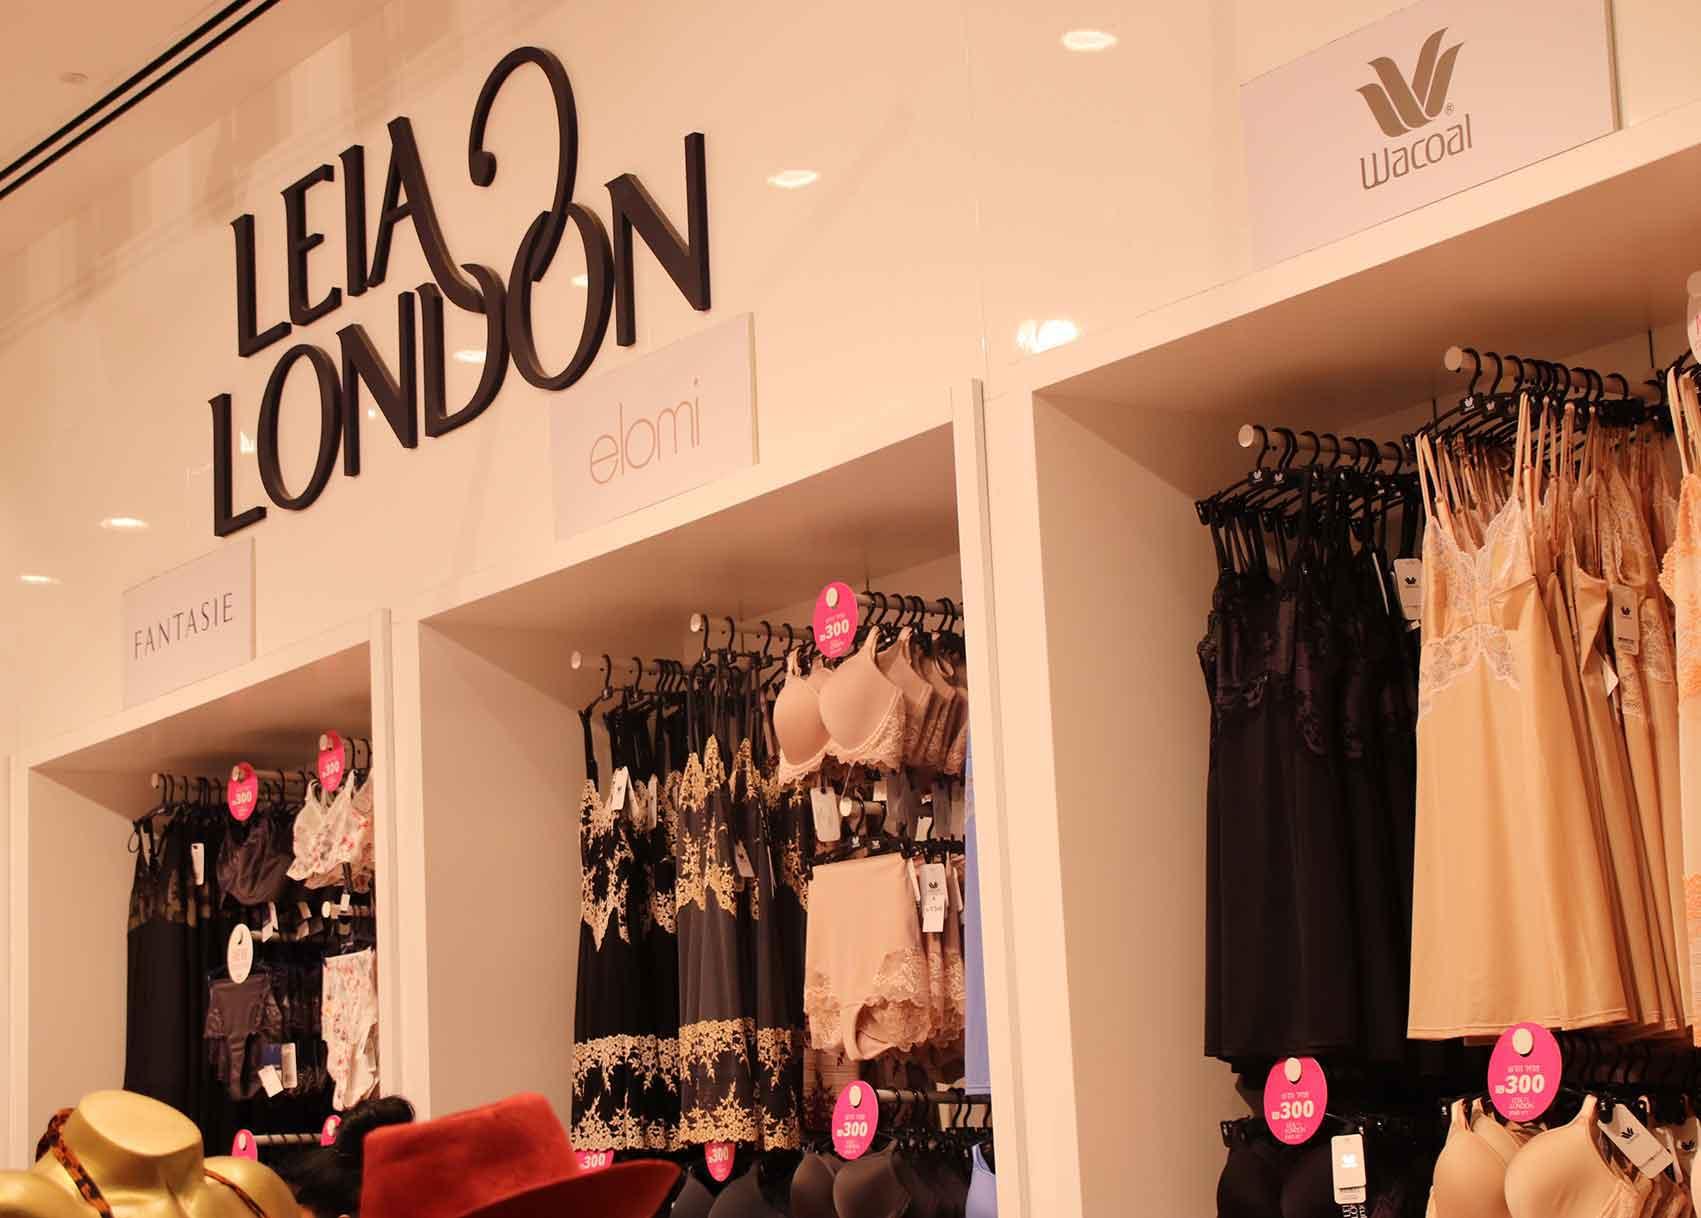 בגד-ים-בגדי-ים-בגד-ים-ביקיני-ליה-לונדון-אופנה-מגזין-אופנה-אופנת-נשים